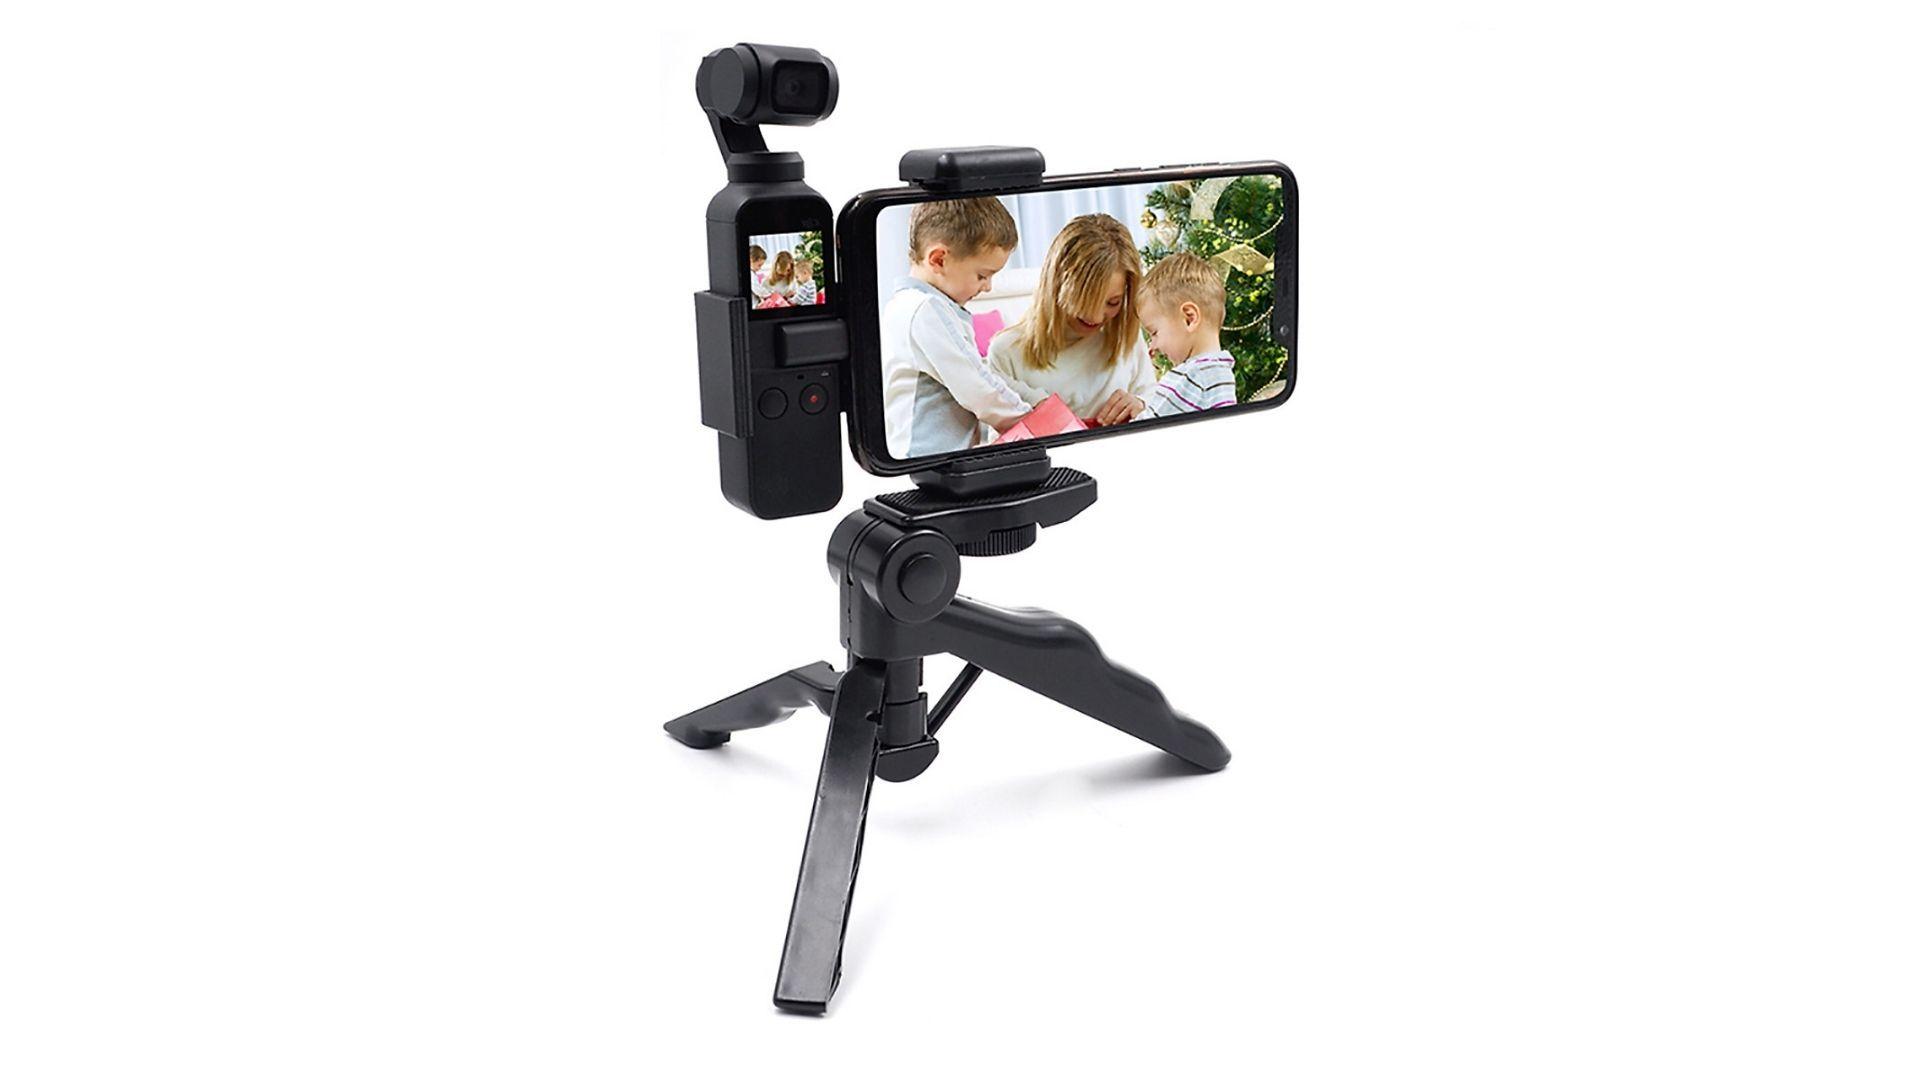 Tripé para celular com estabilizador é ideal para gravação de vídeos (Foto: Divulgação)